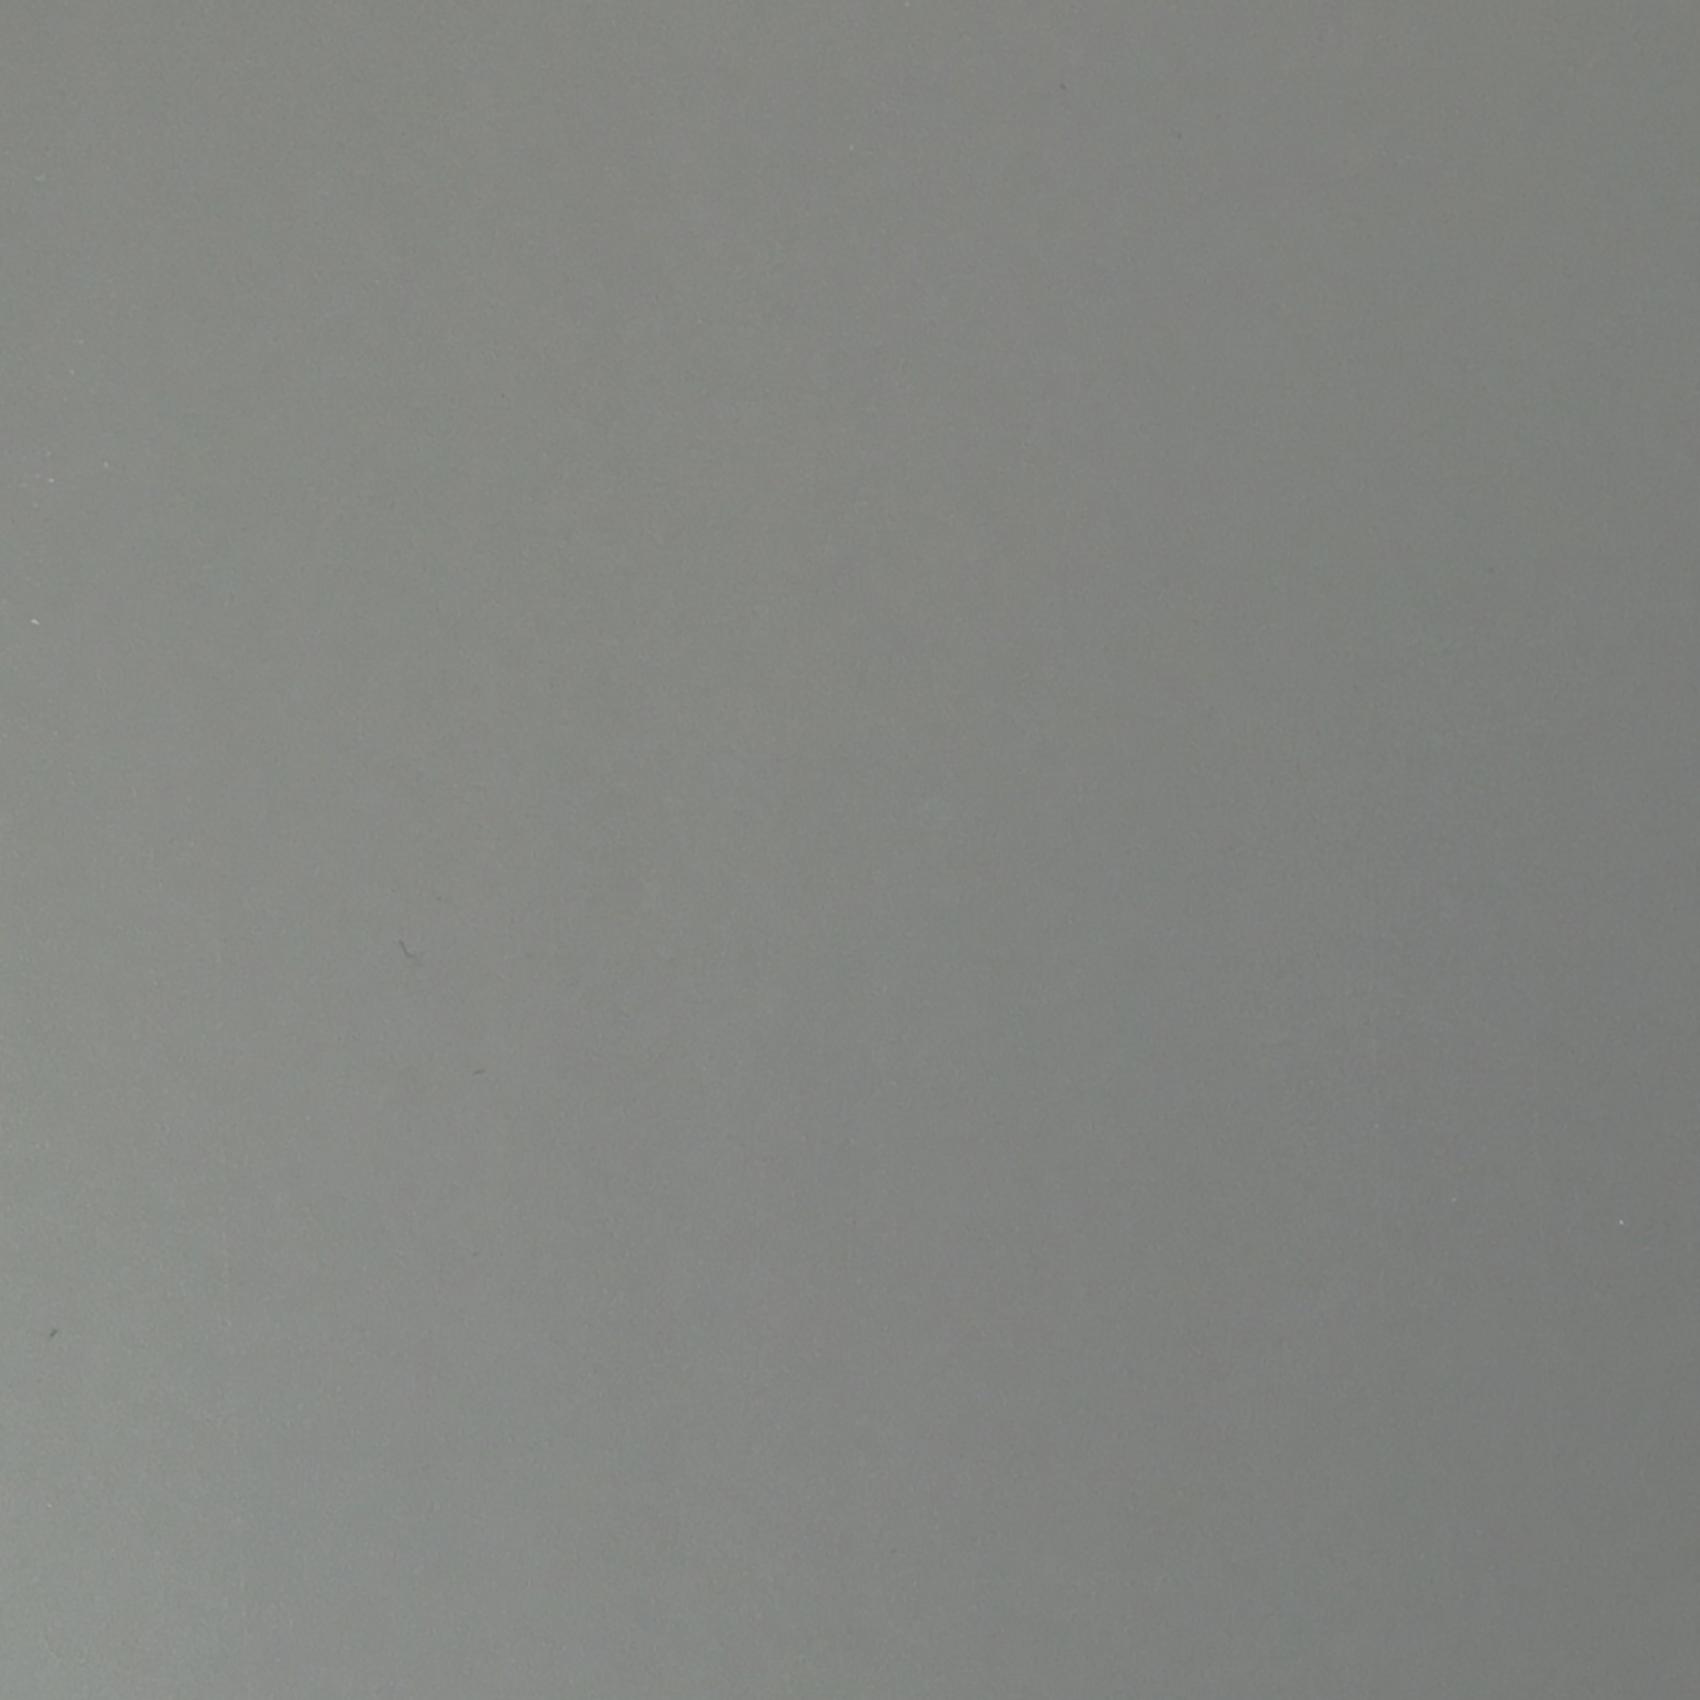 Hydroizolační fólie SARNAFIL TS 77-15 E, šíře 2 m (okenní šedá)